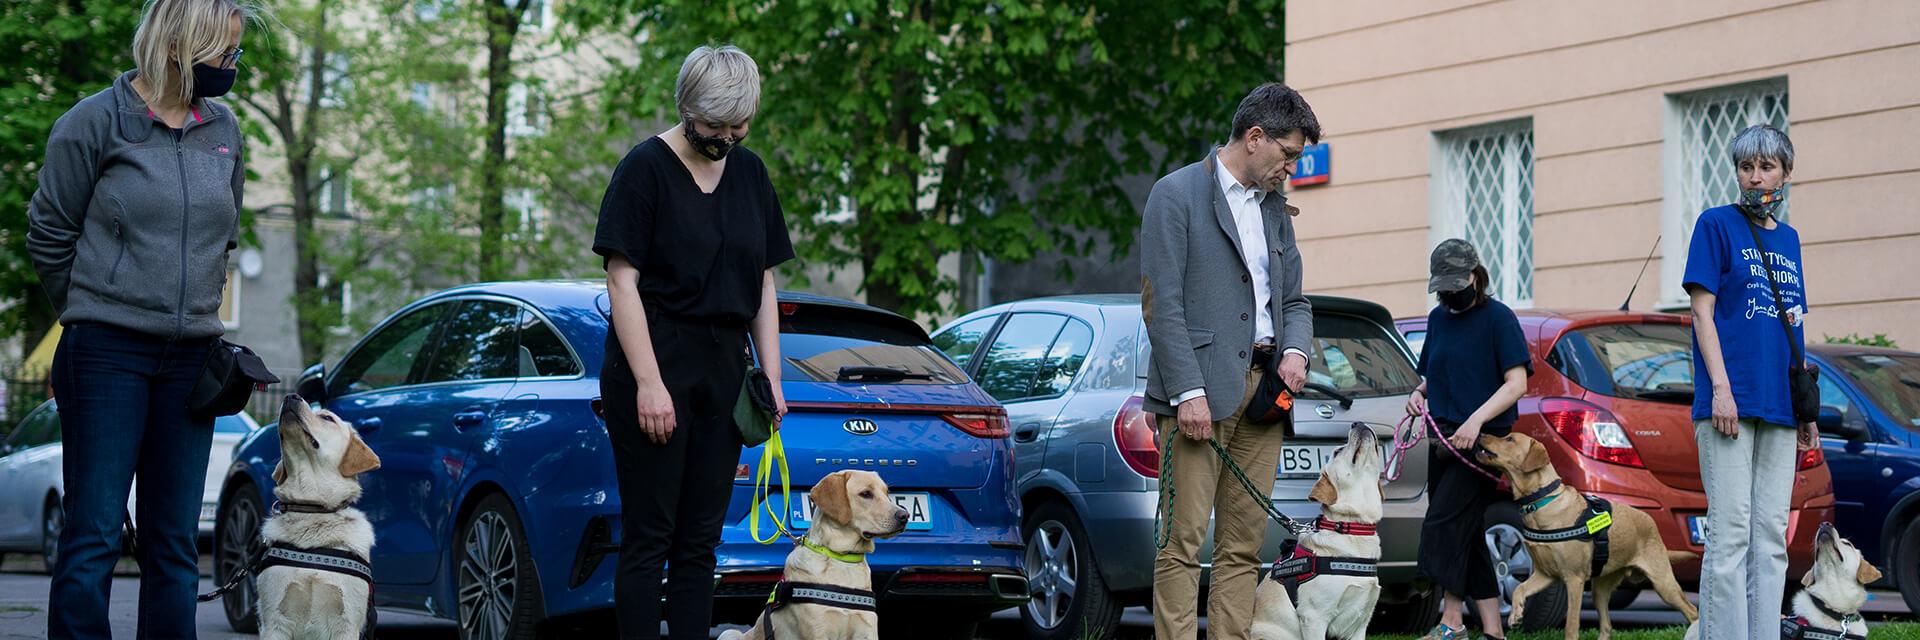 Na parkingu znajduje się piątka wolontariuszy. Obok wolontariuszy siedzi lub stoi pies przewodnik.